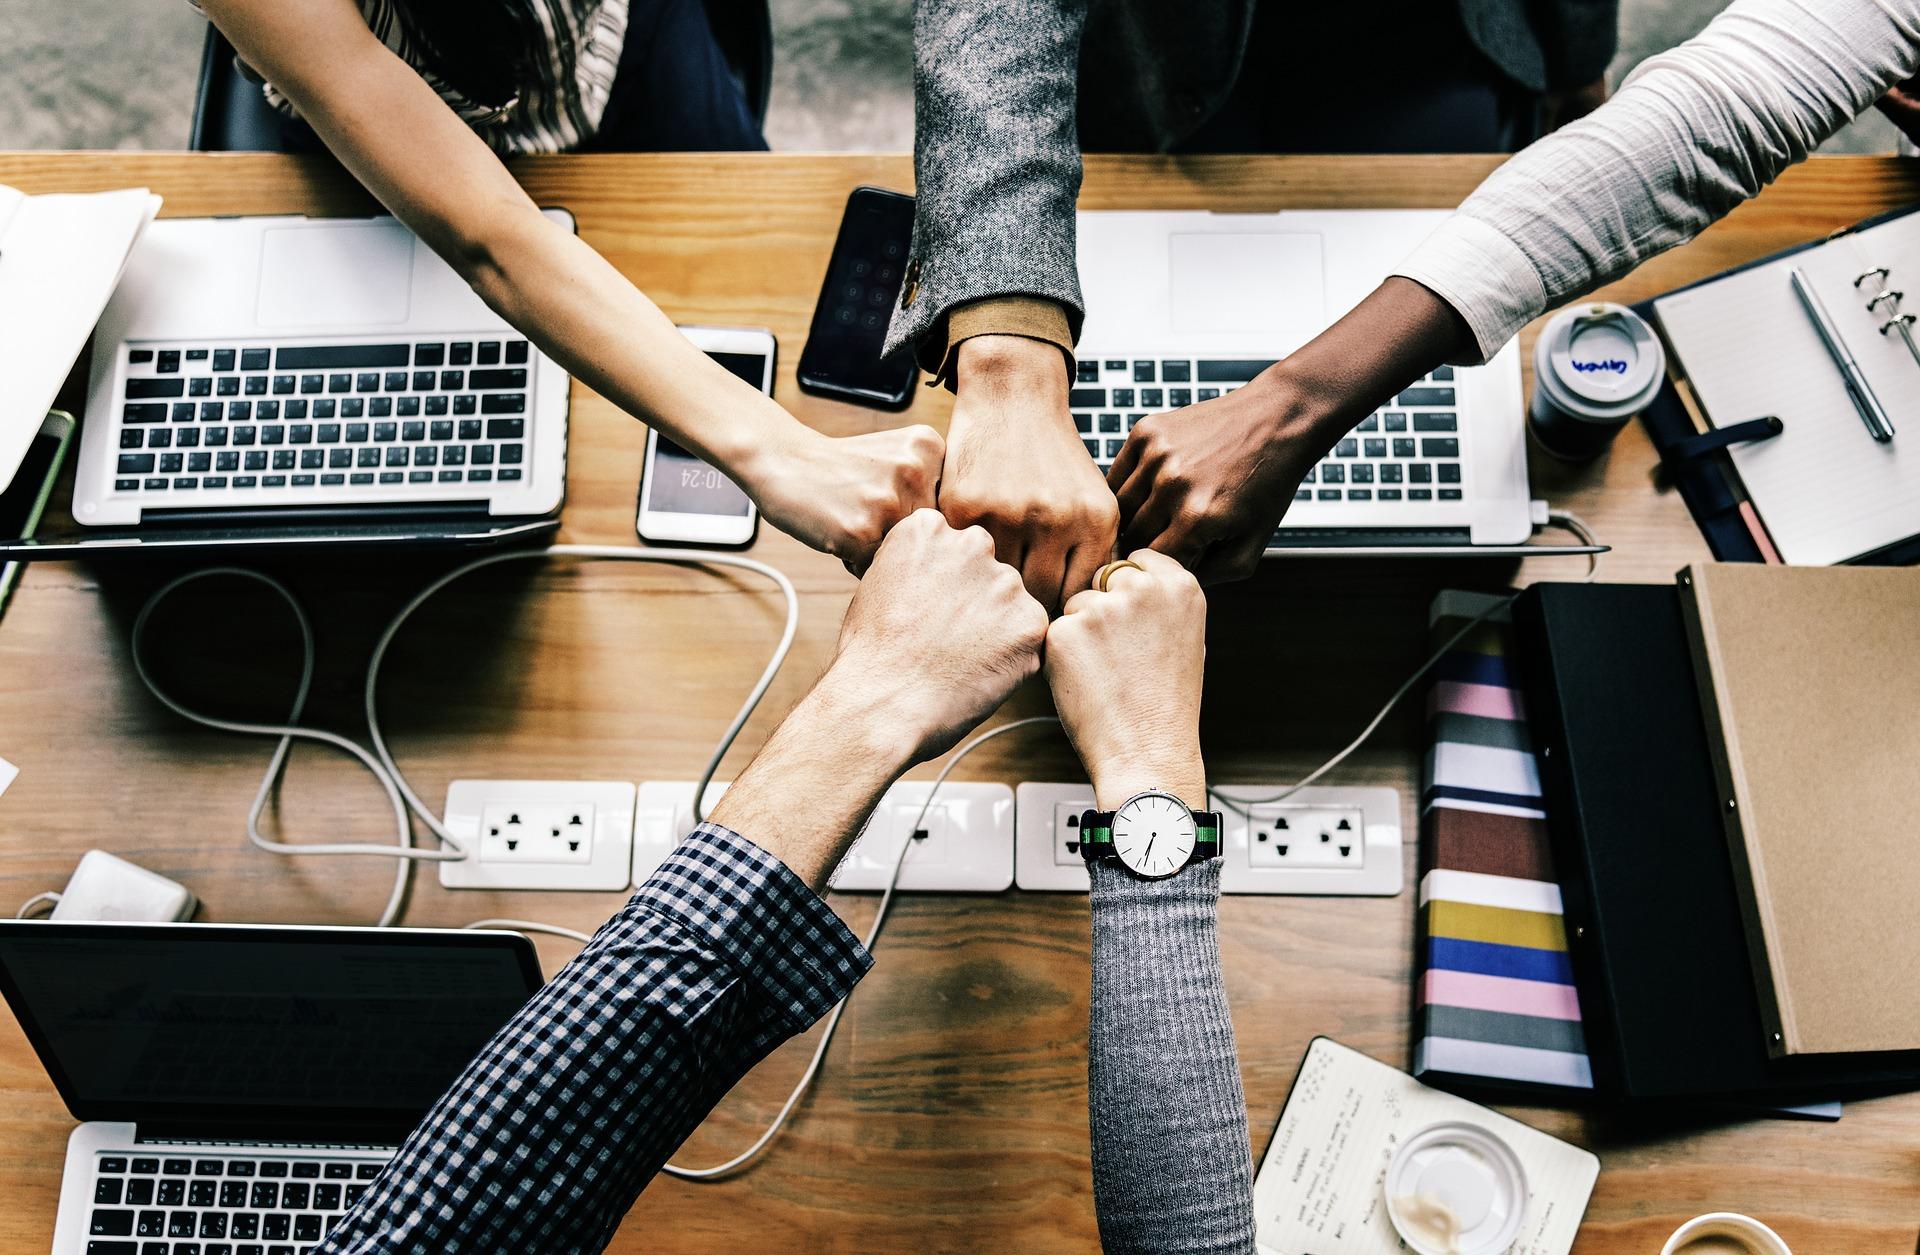 L'humain : une valeur capitale pour la performance de l'entreprise, des actions personnalisées, de la formation …et plus encore